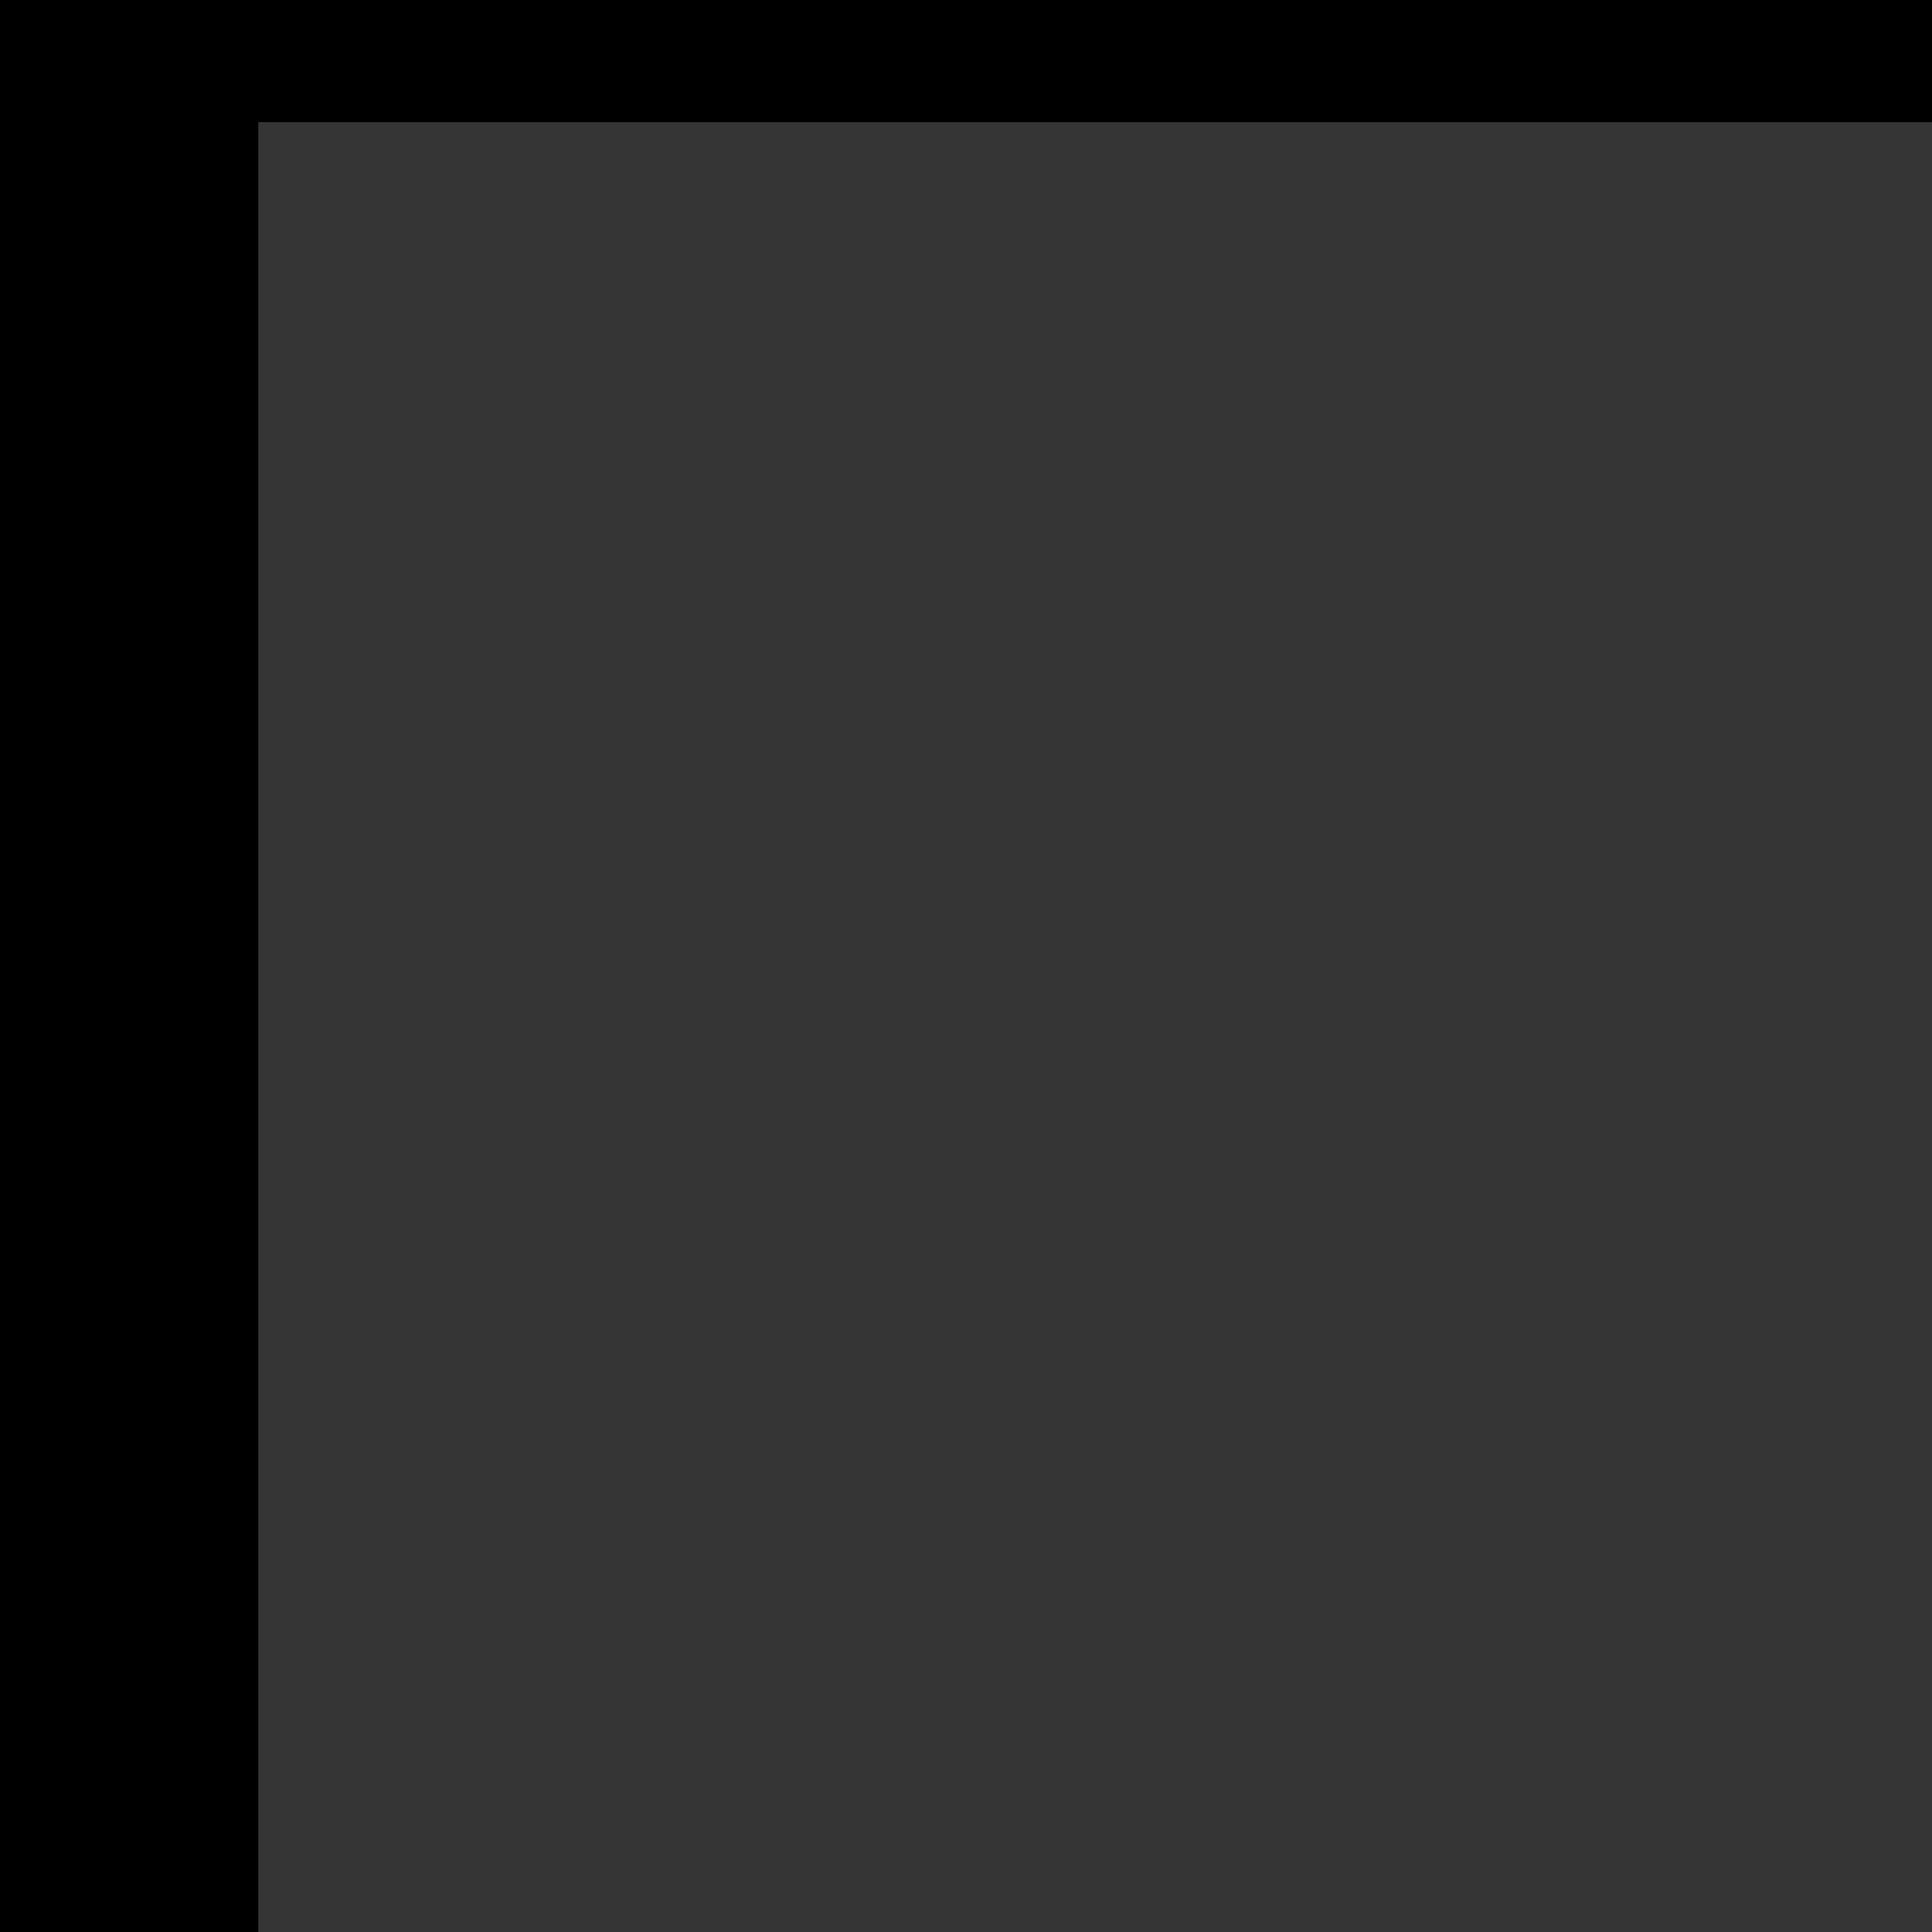 Sárova Bystrica Logo